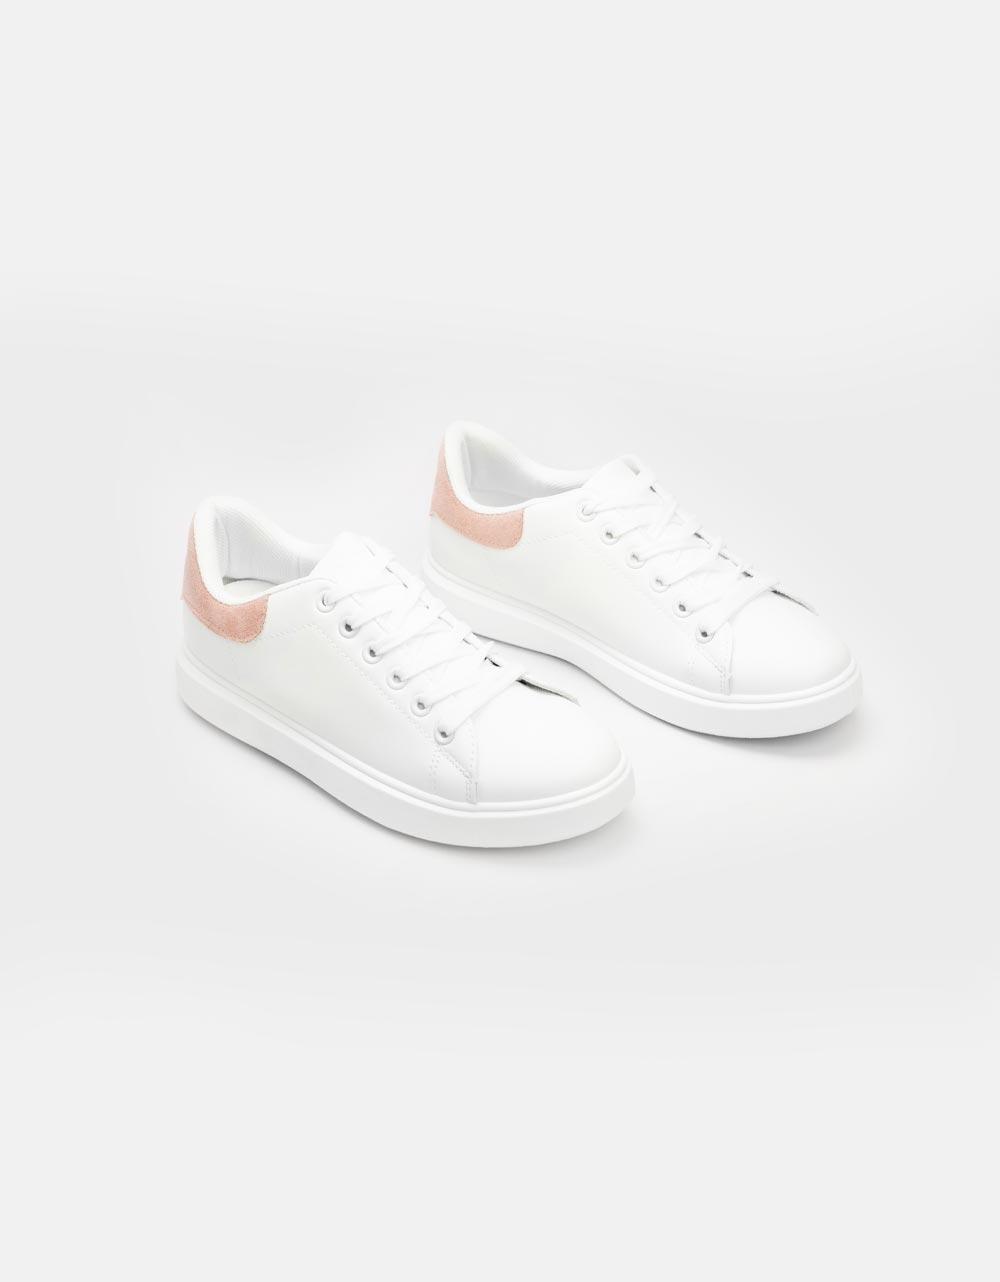 Εικόνα από Γυναικεία sneakers μονόχρωμα Λευκό/Ροζ